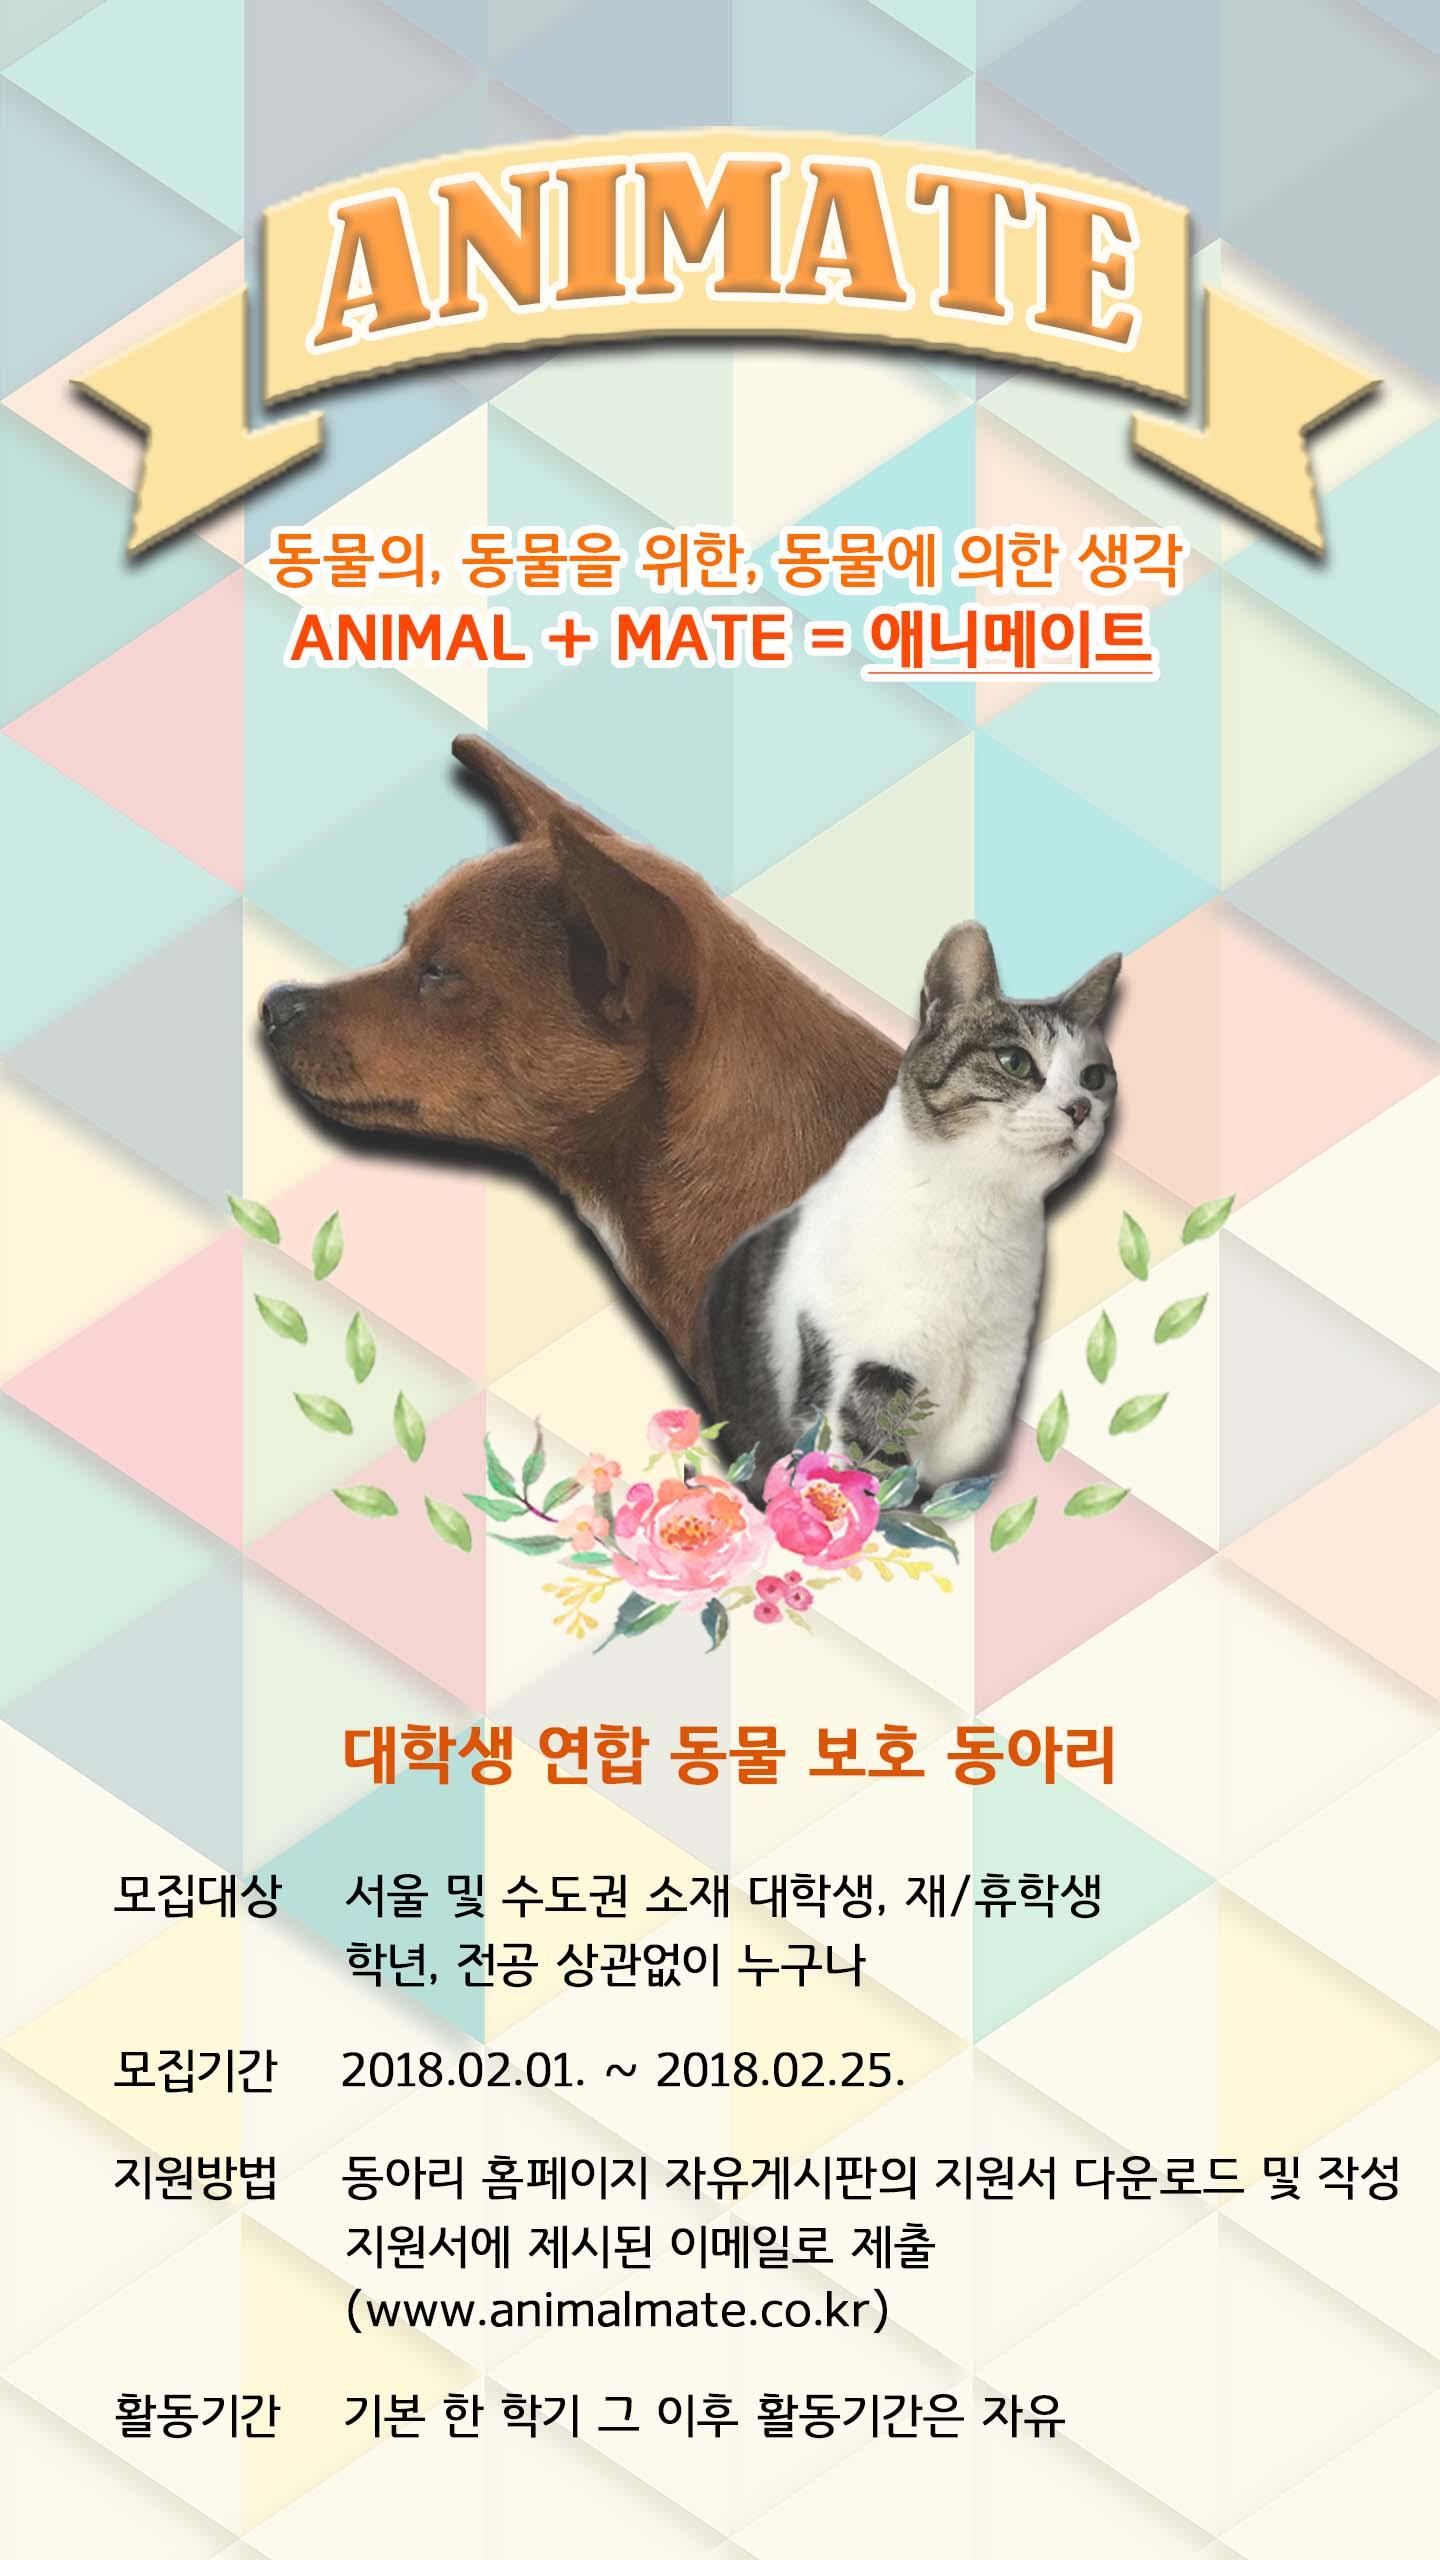 대학생 동물보호 연합동아리 애니메이트 16기 모집